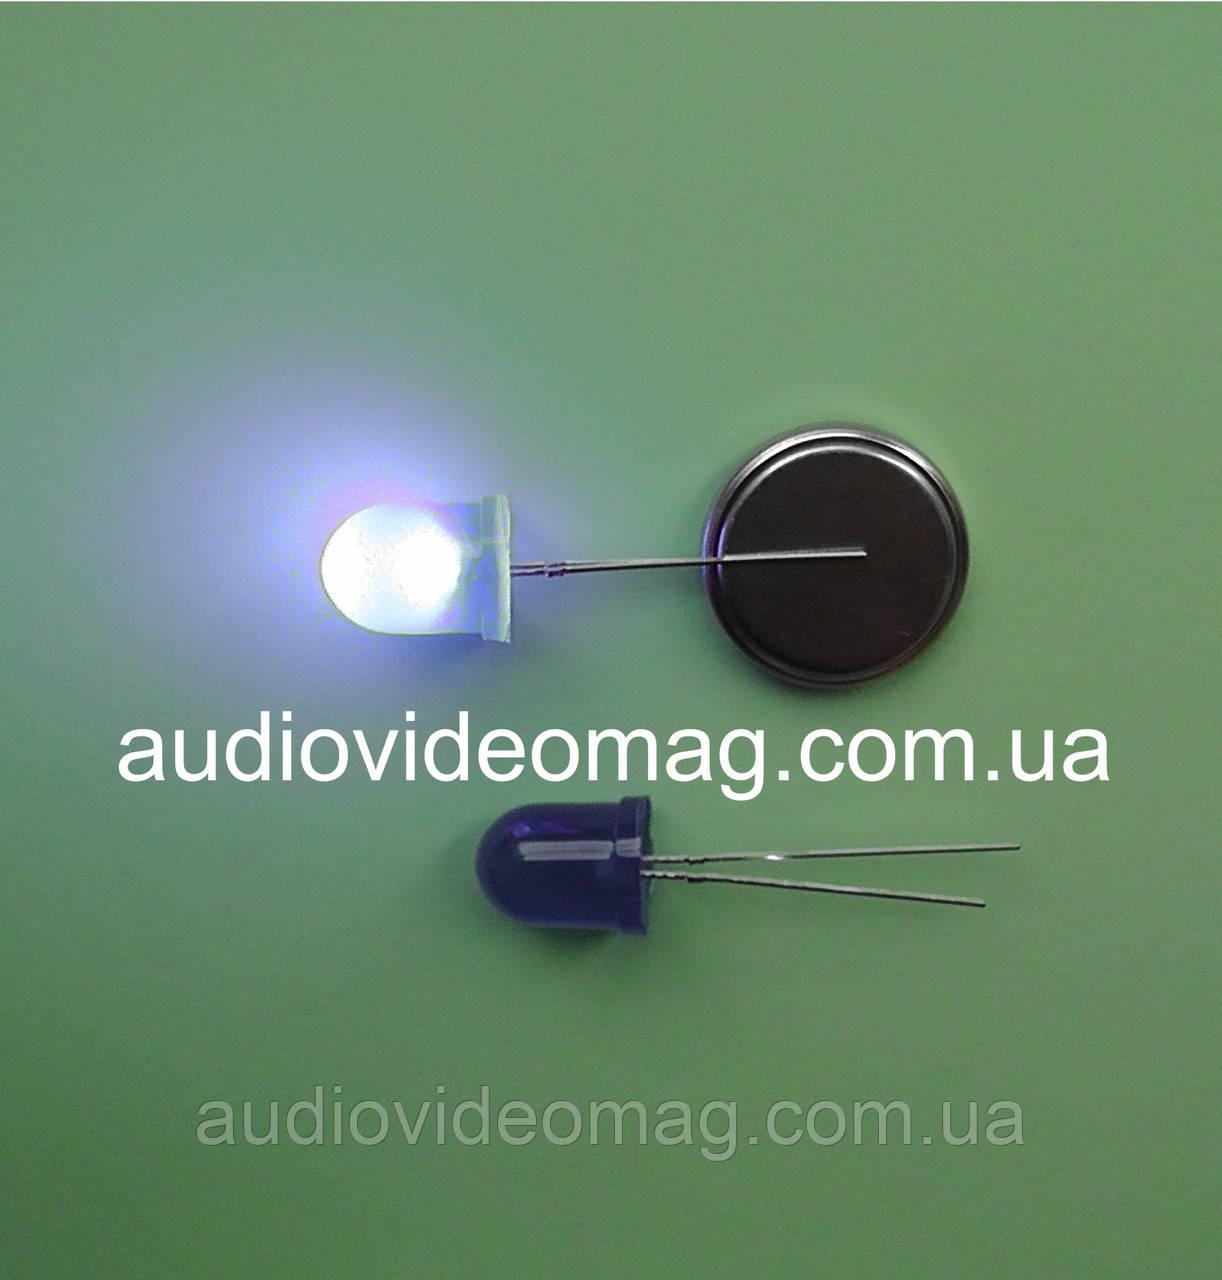 Светодиод 3V 10 мм, диффузный, цвет синий